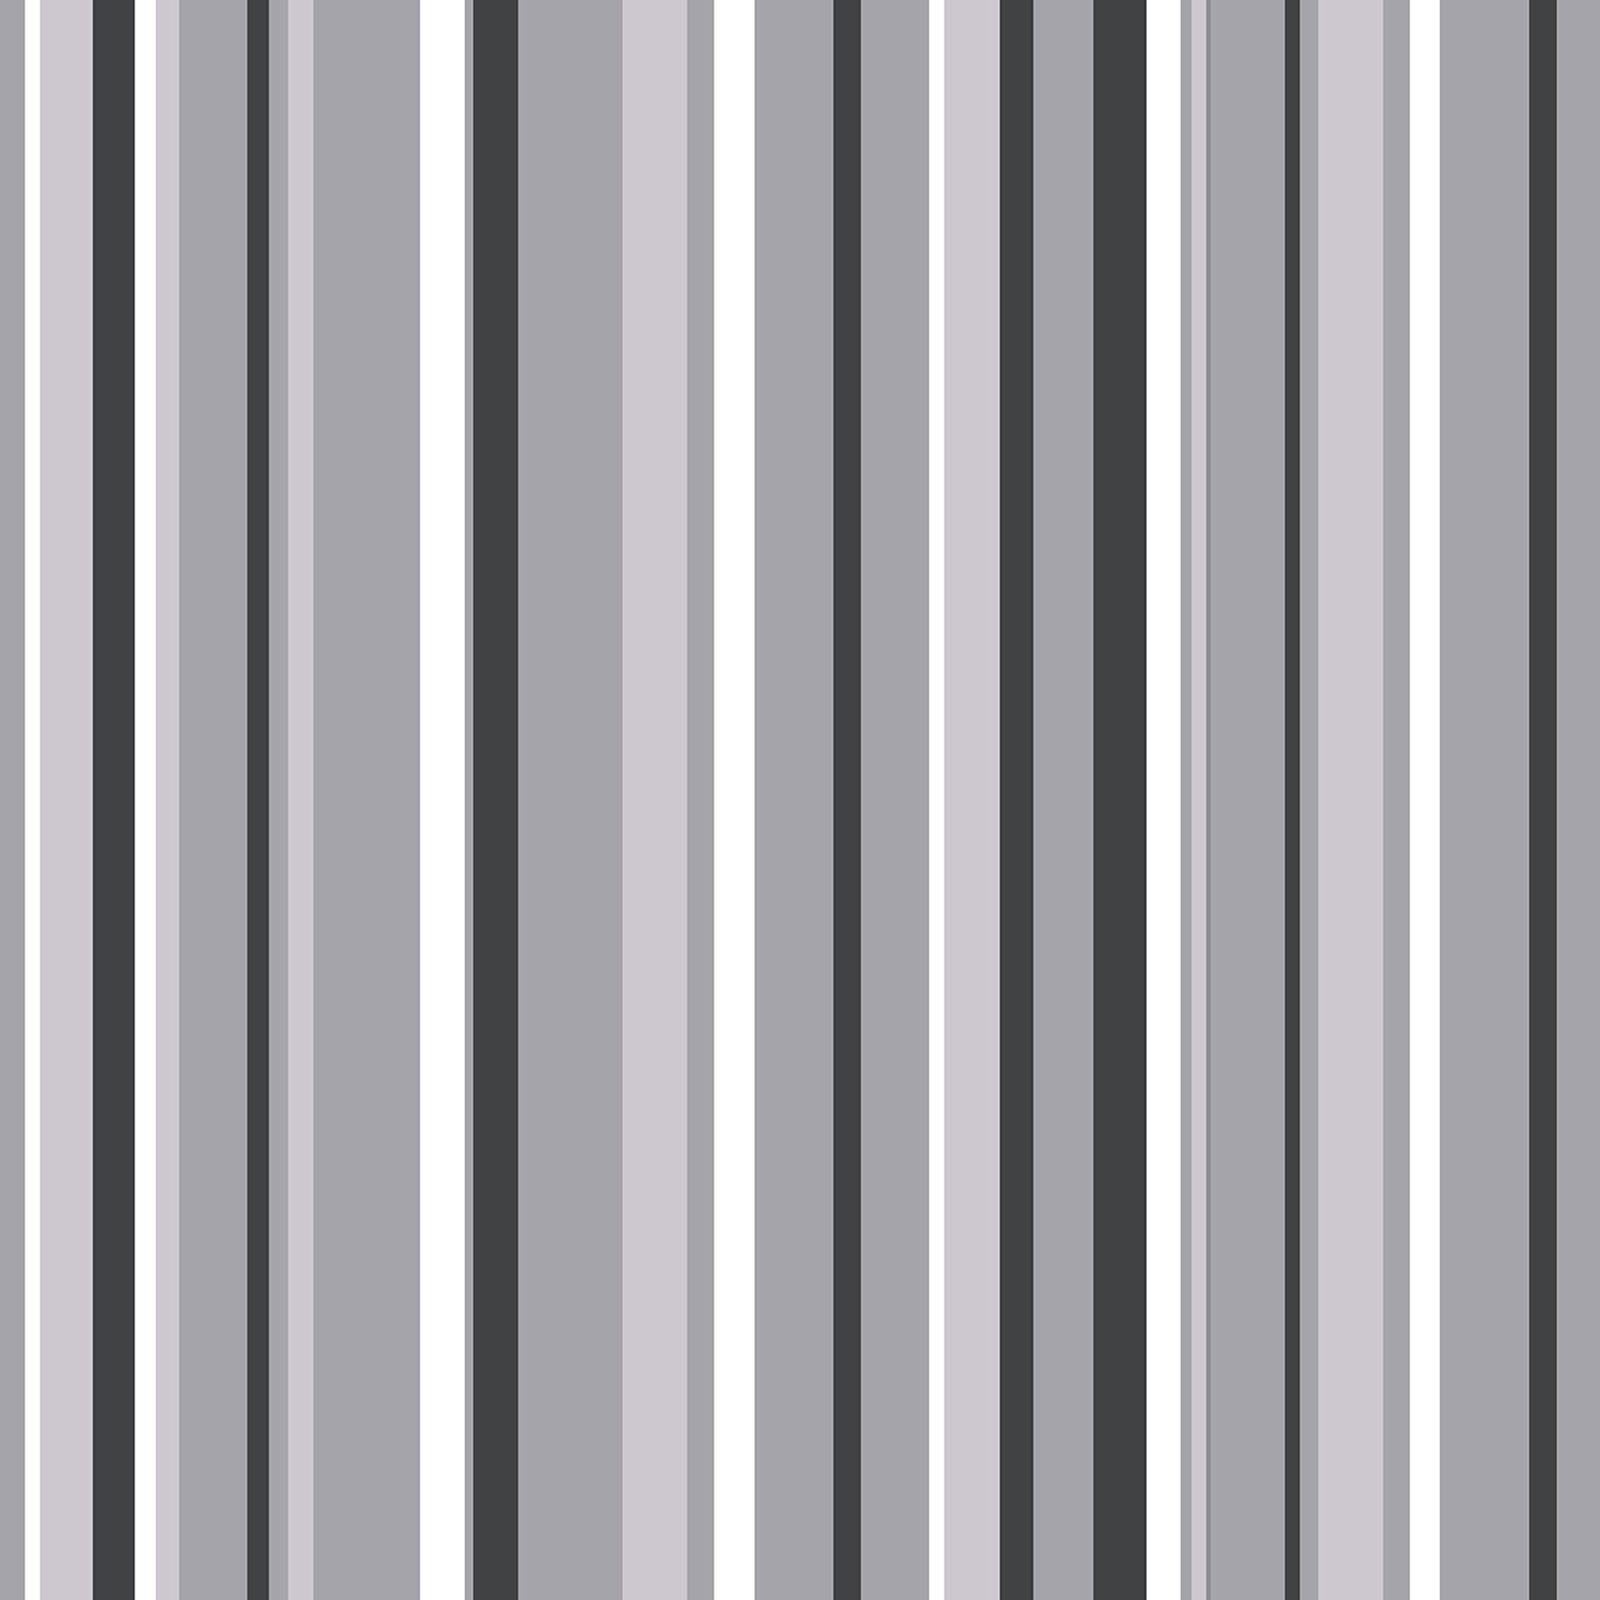 havana streifen tapete franz sisch grau farbig m0601 schwarz wei ebay. Black Bedroom Furniture Sets. Home Design Ideas